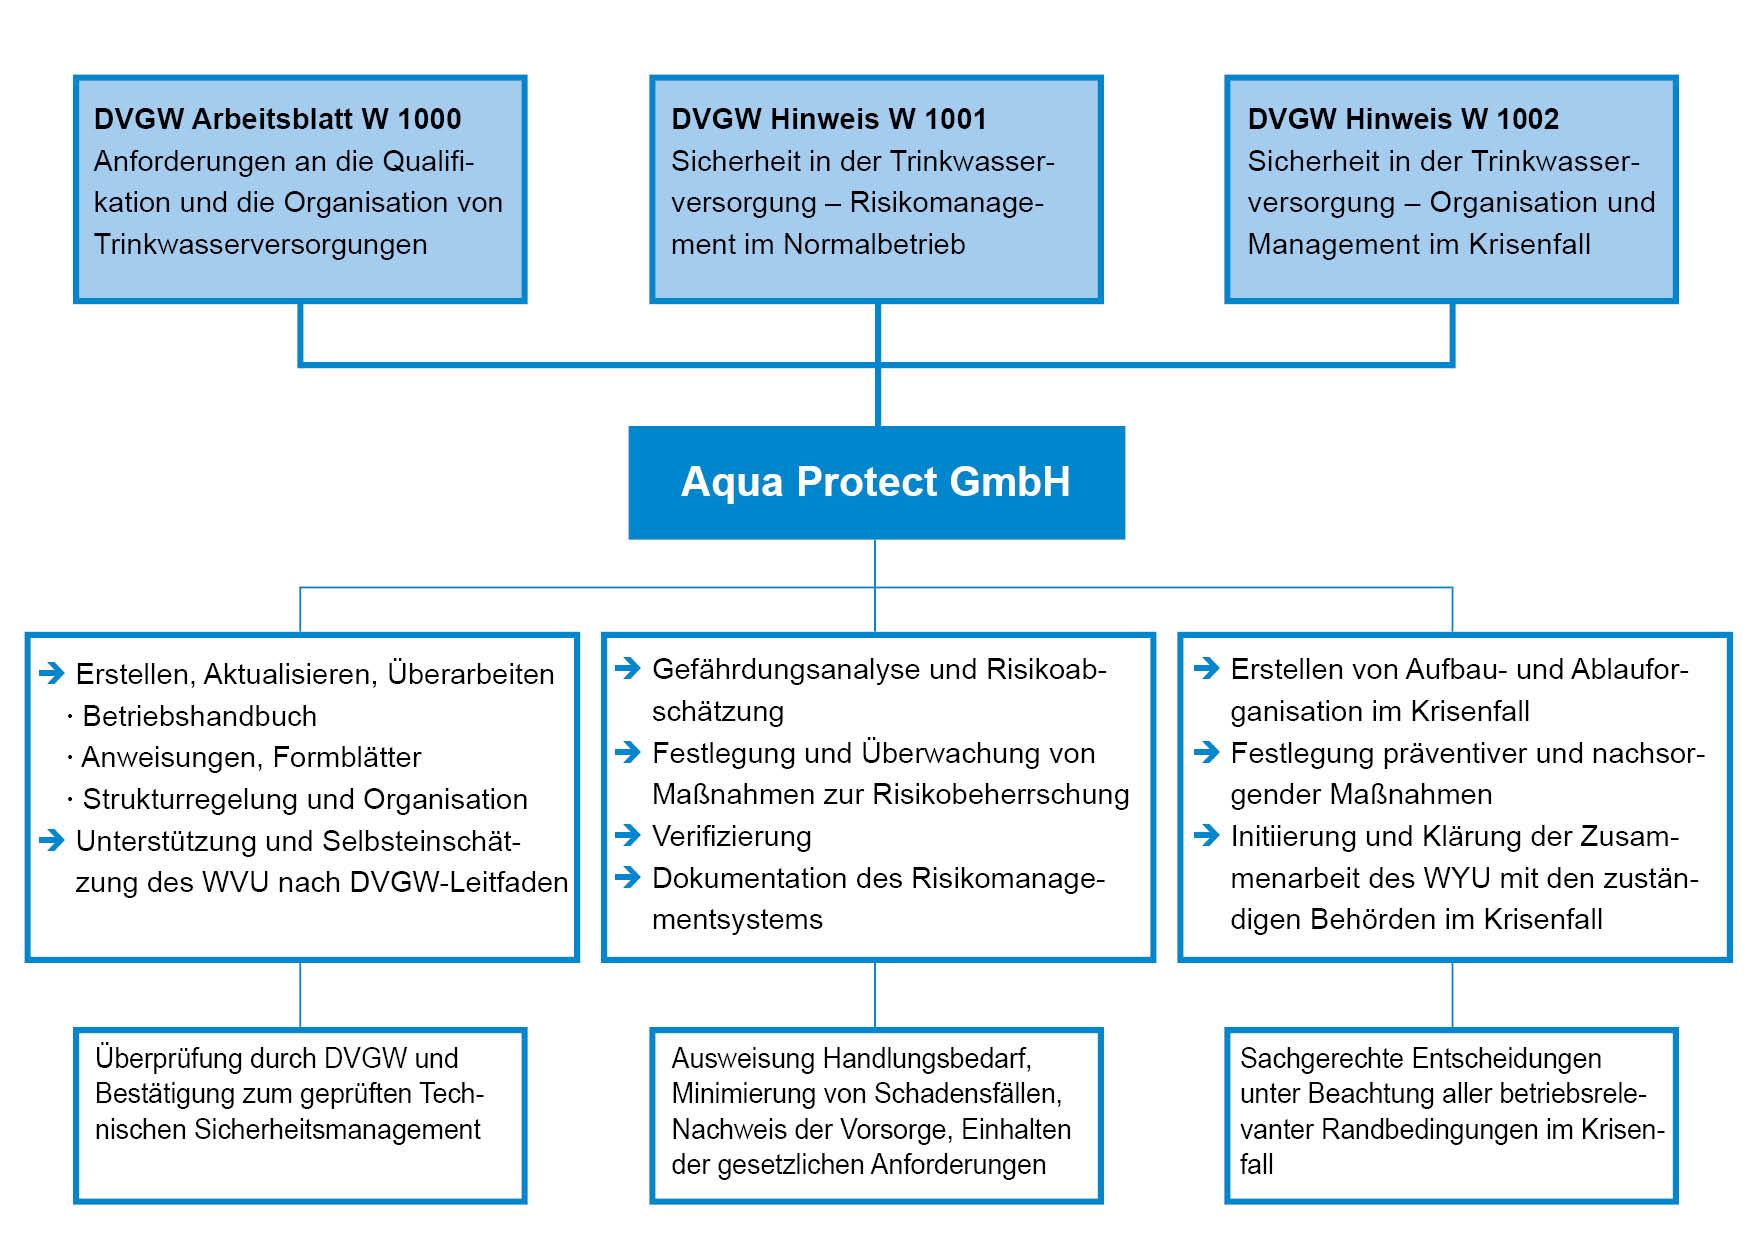 Risikobewertung nach DVGW-Arbeitsblatt